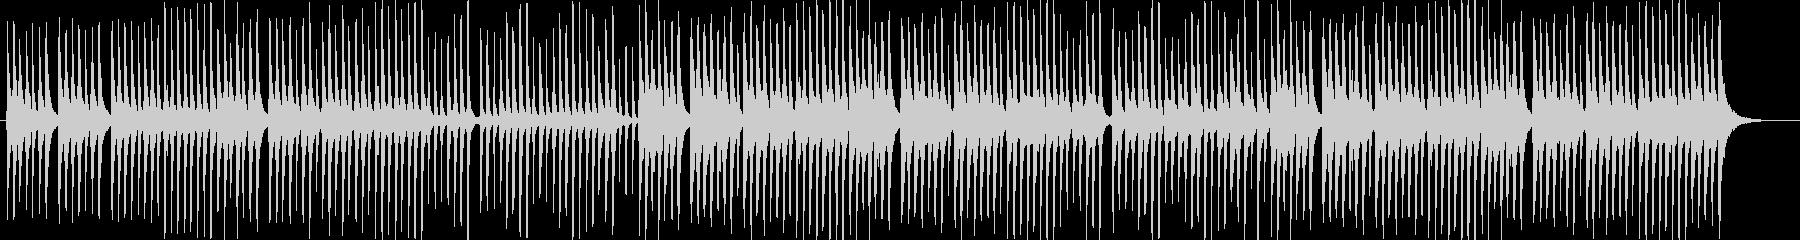 三味線と太鼓のシンプルな和風曲。の未再生の波形